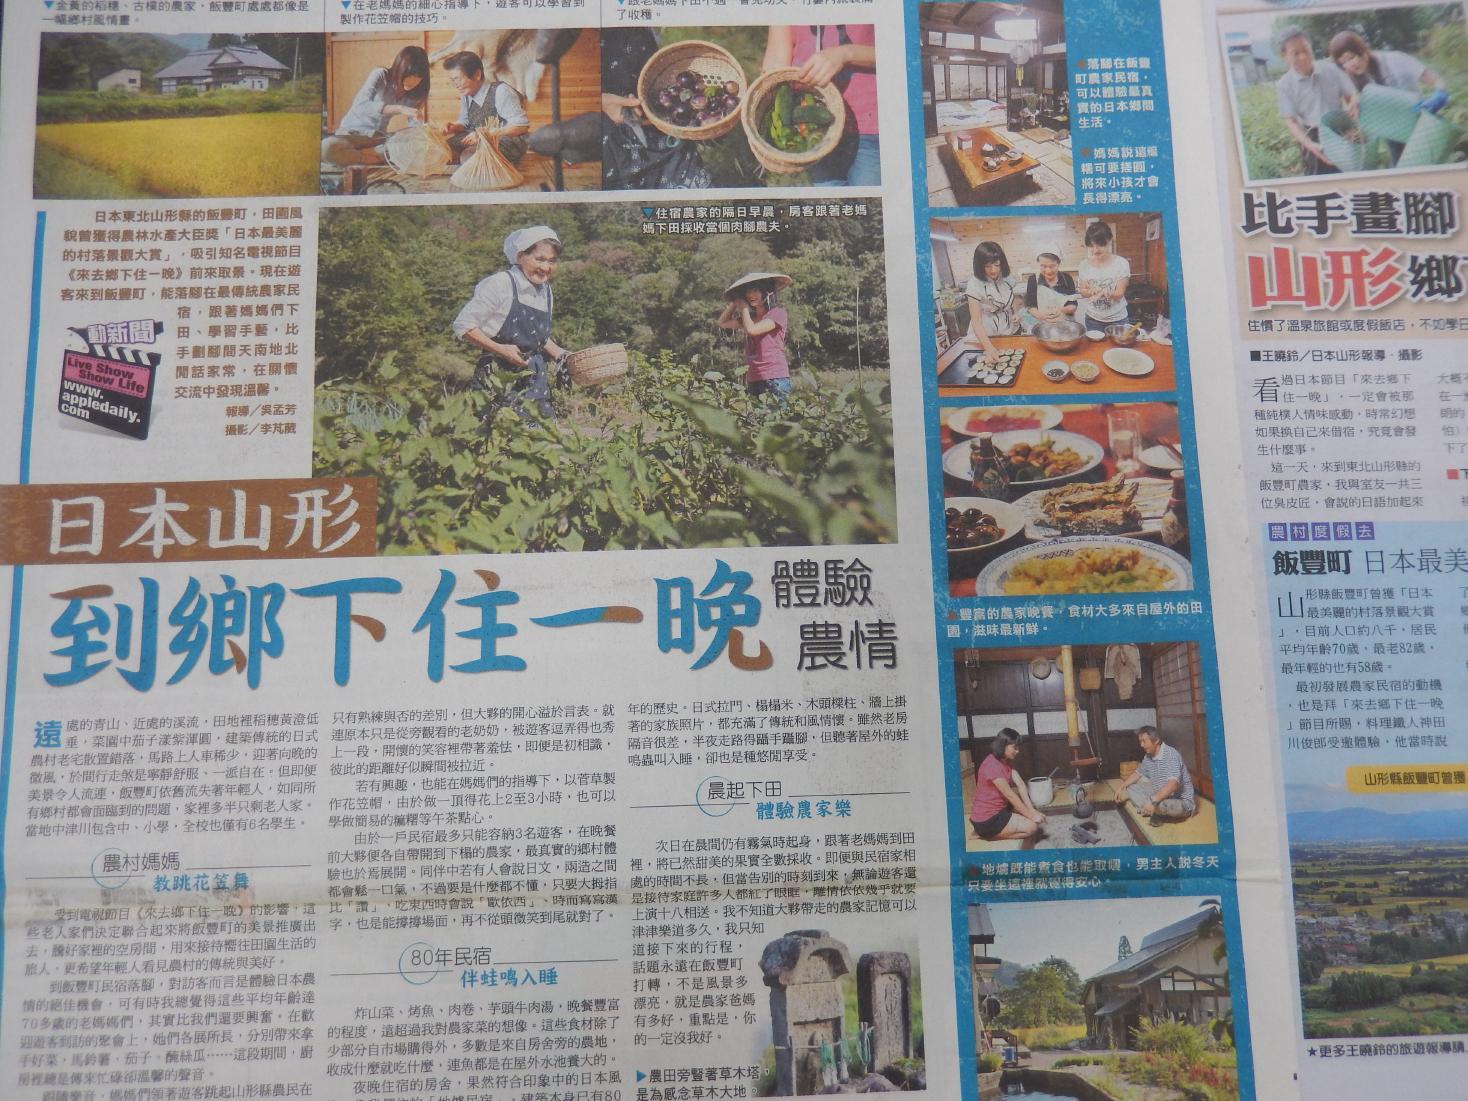 台湾発日本行き「ウルルン滞在記」ツアーはこうして生まれた(台北ITF報告その8)_b0235153_8135648.jpg